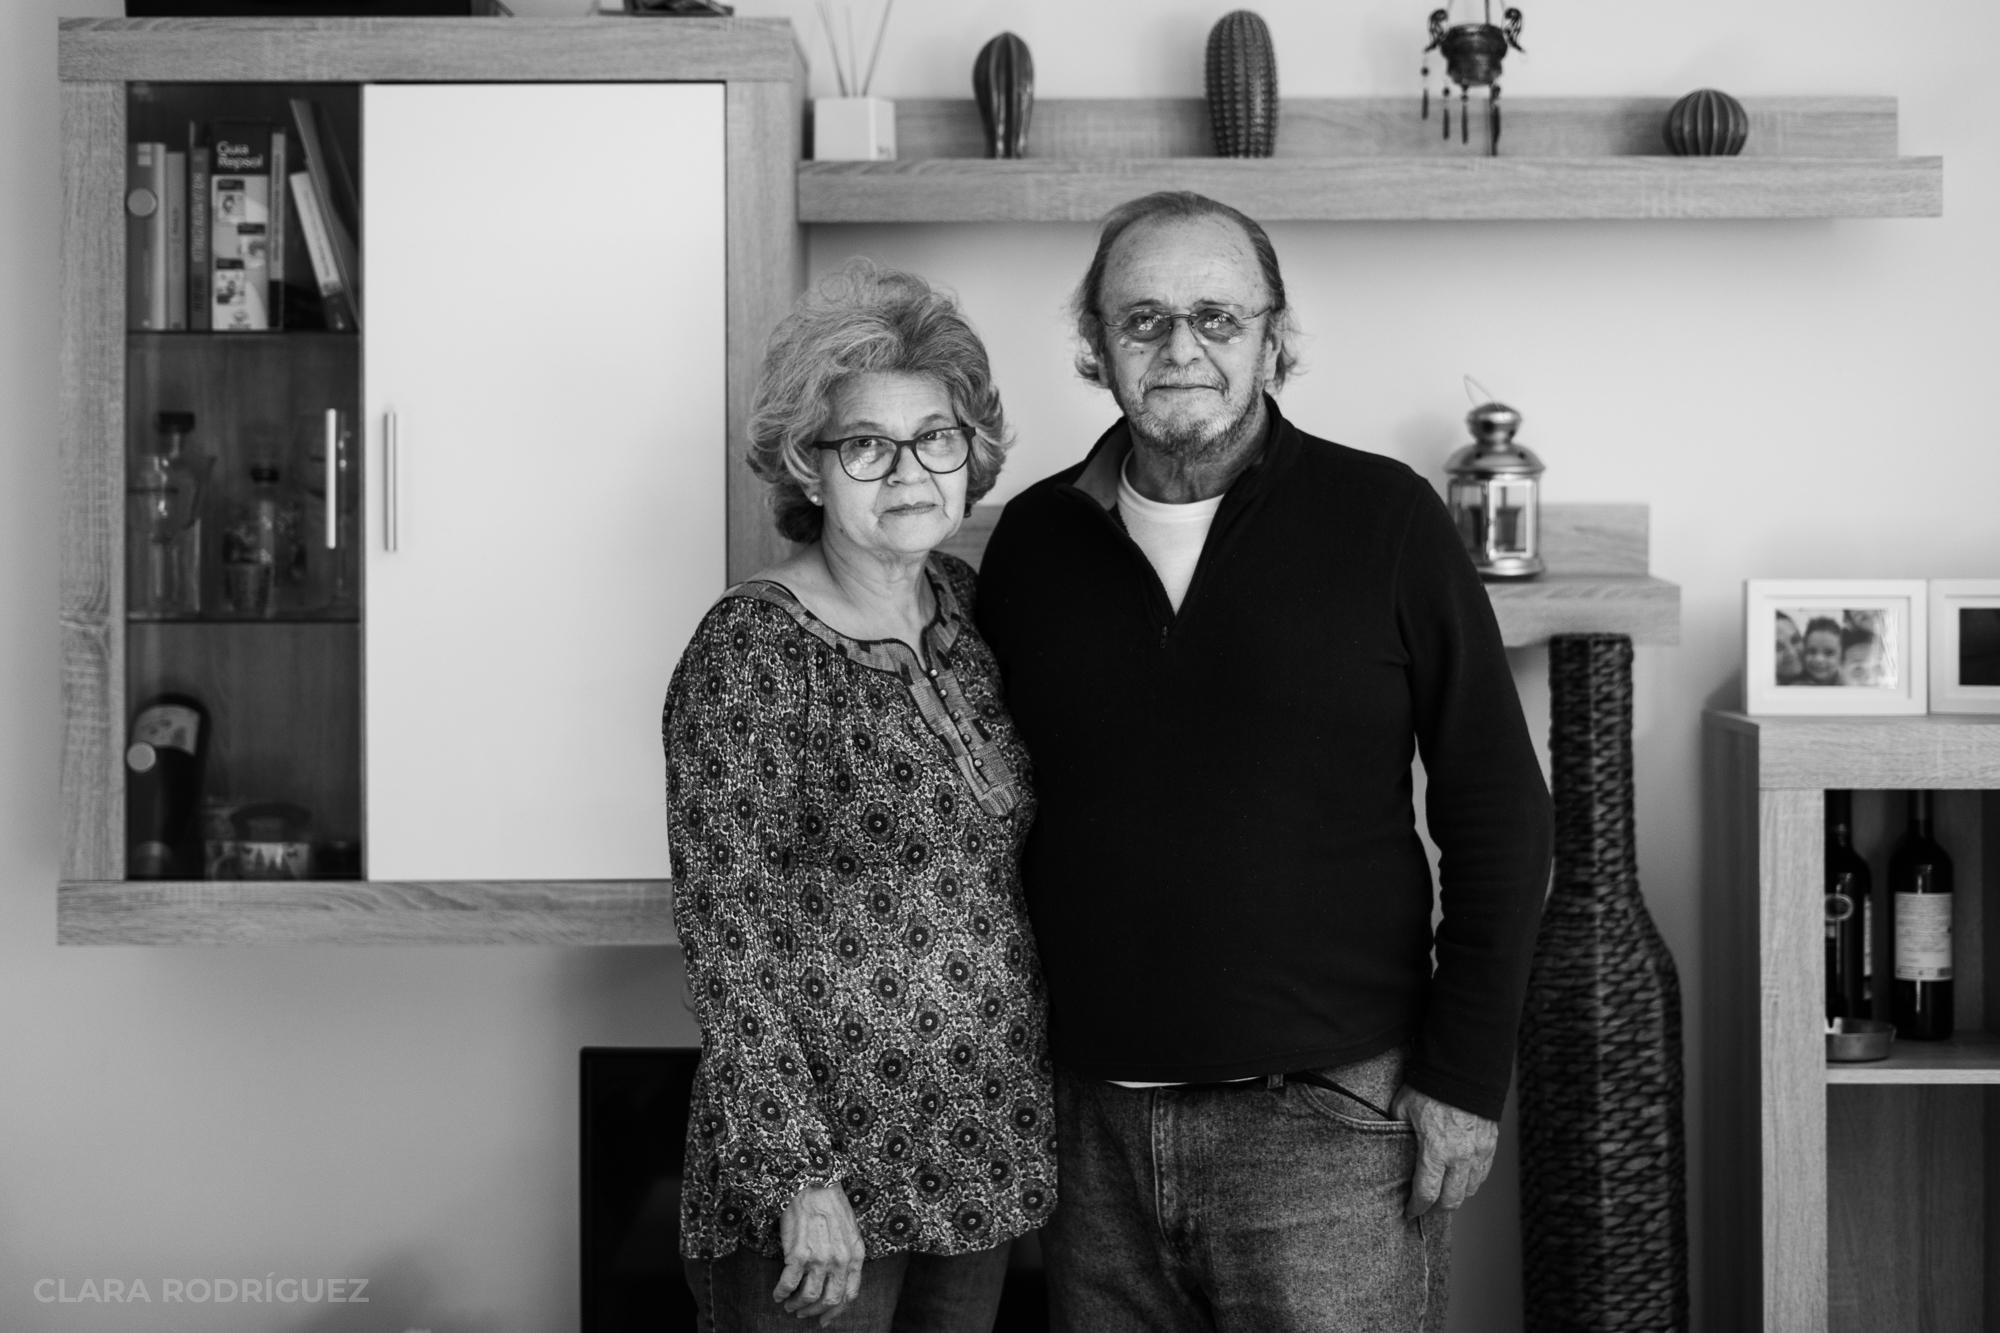 Rebeca González, caraqueña, y Miguel Carrasco, malagueño, llevan 42 años casados. Vivían en Venezuela y, desde hace casi un año, en España.